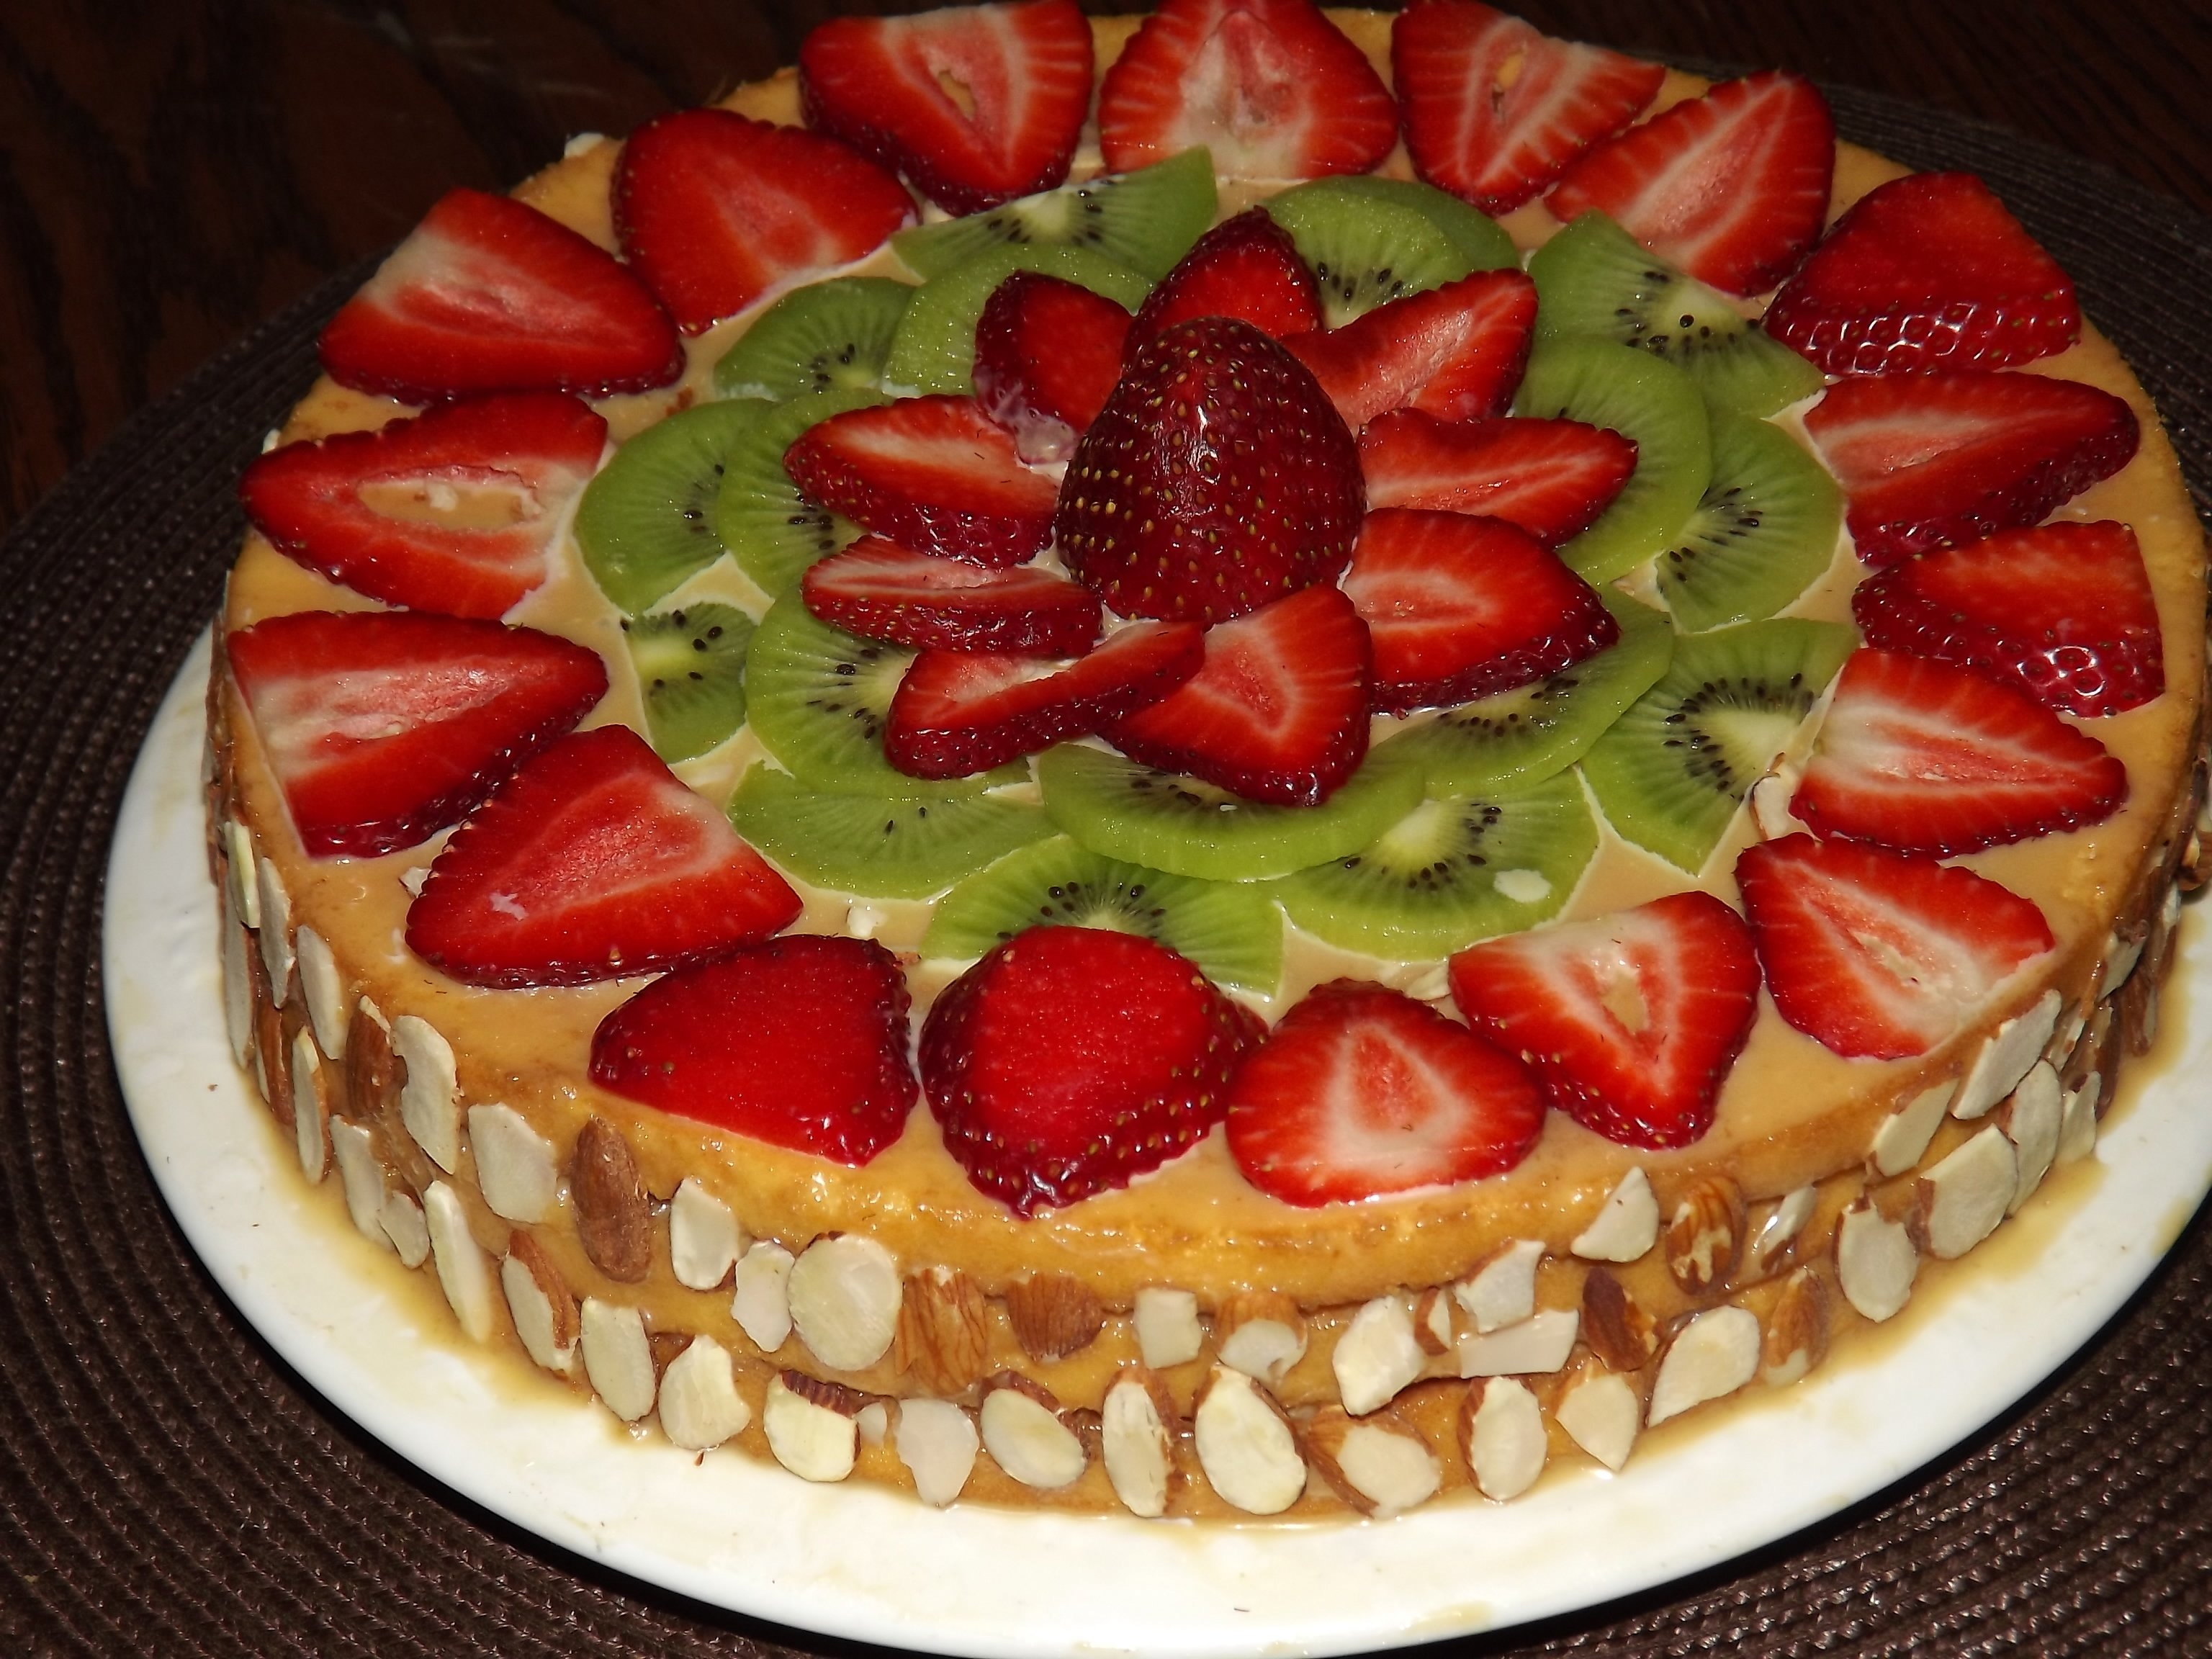 как торт украшенный фруктами рецепт с фото составить запись